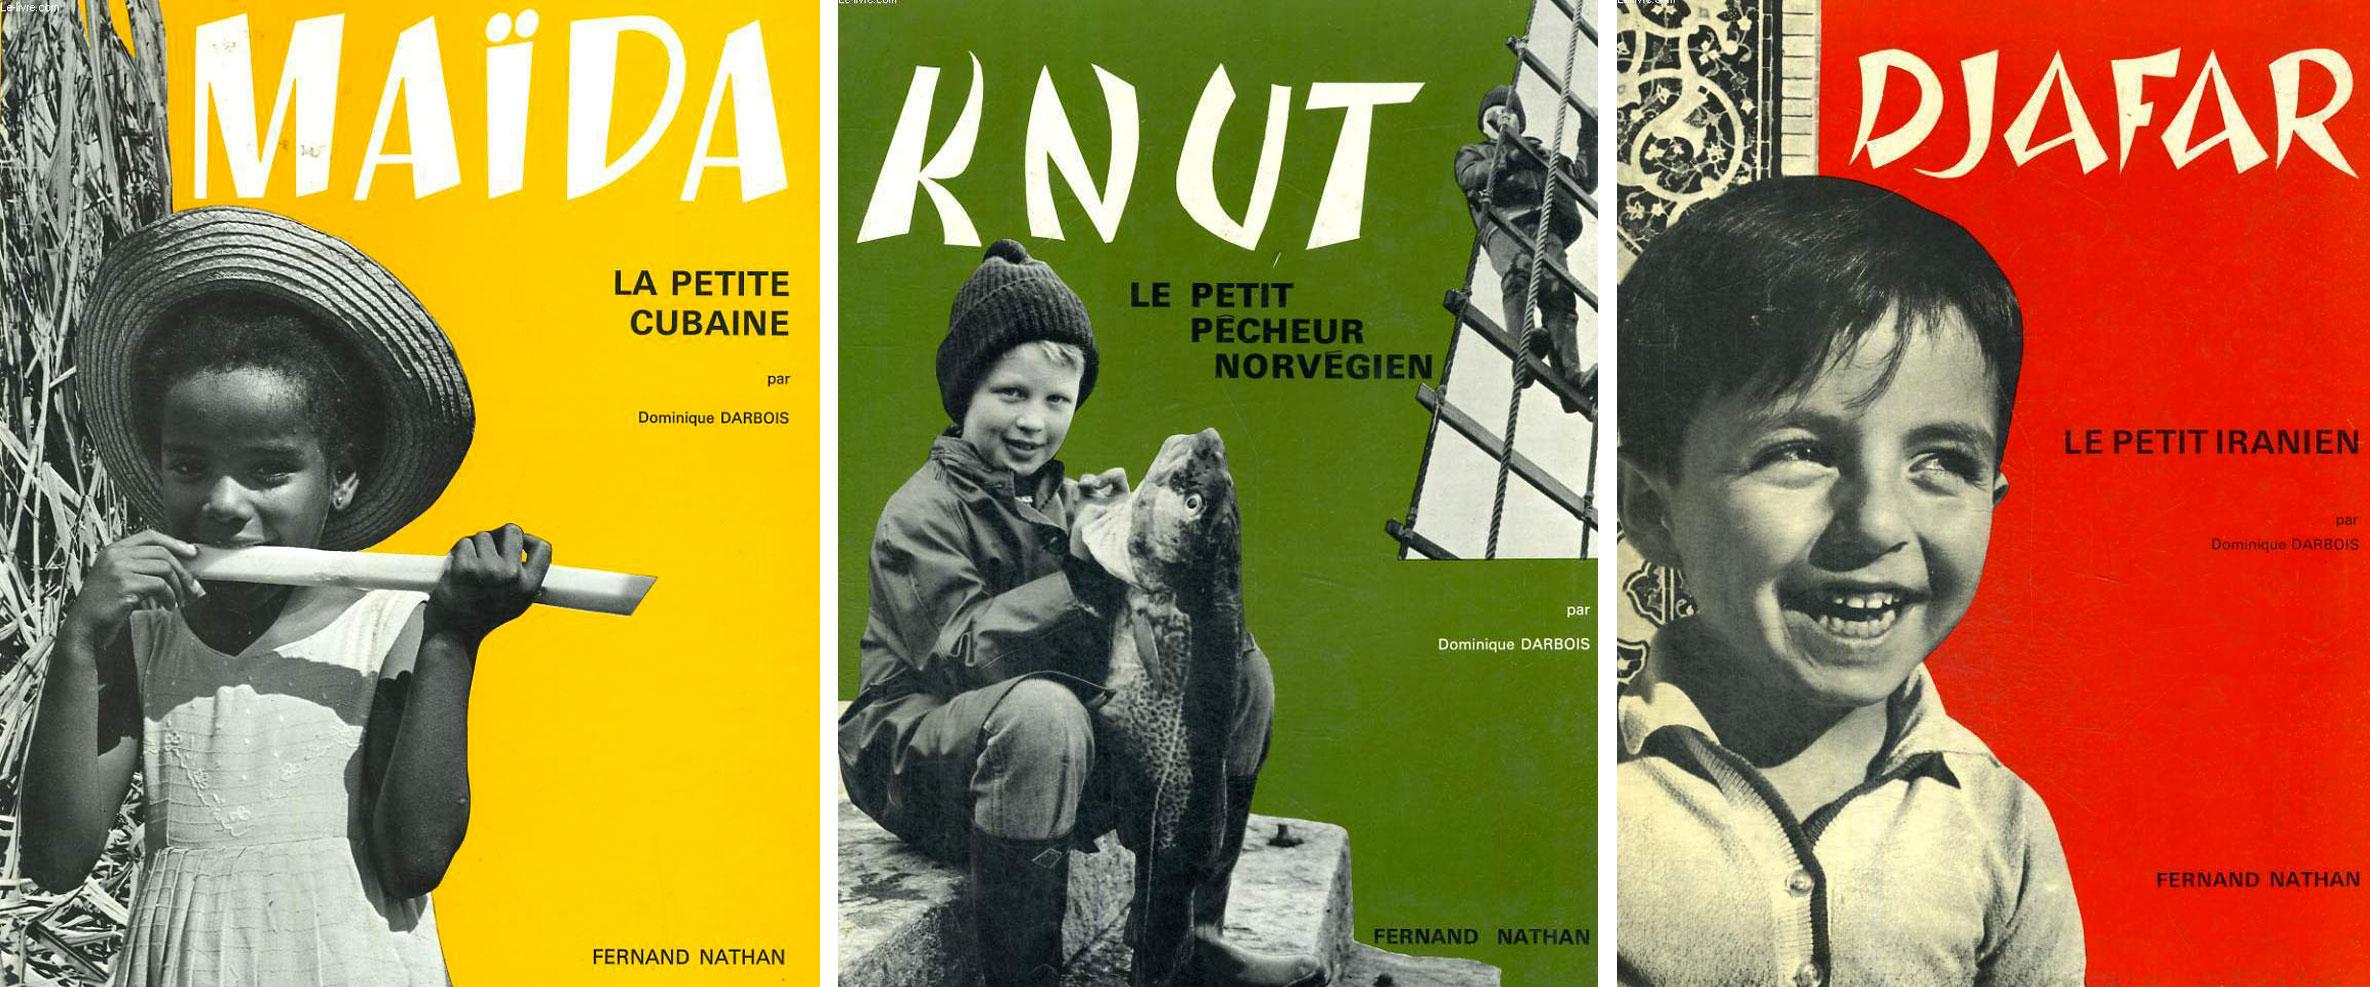 dominique-darbois-livre-collection-enfants-du-monde-graphisme-maida-knut-djafar